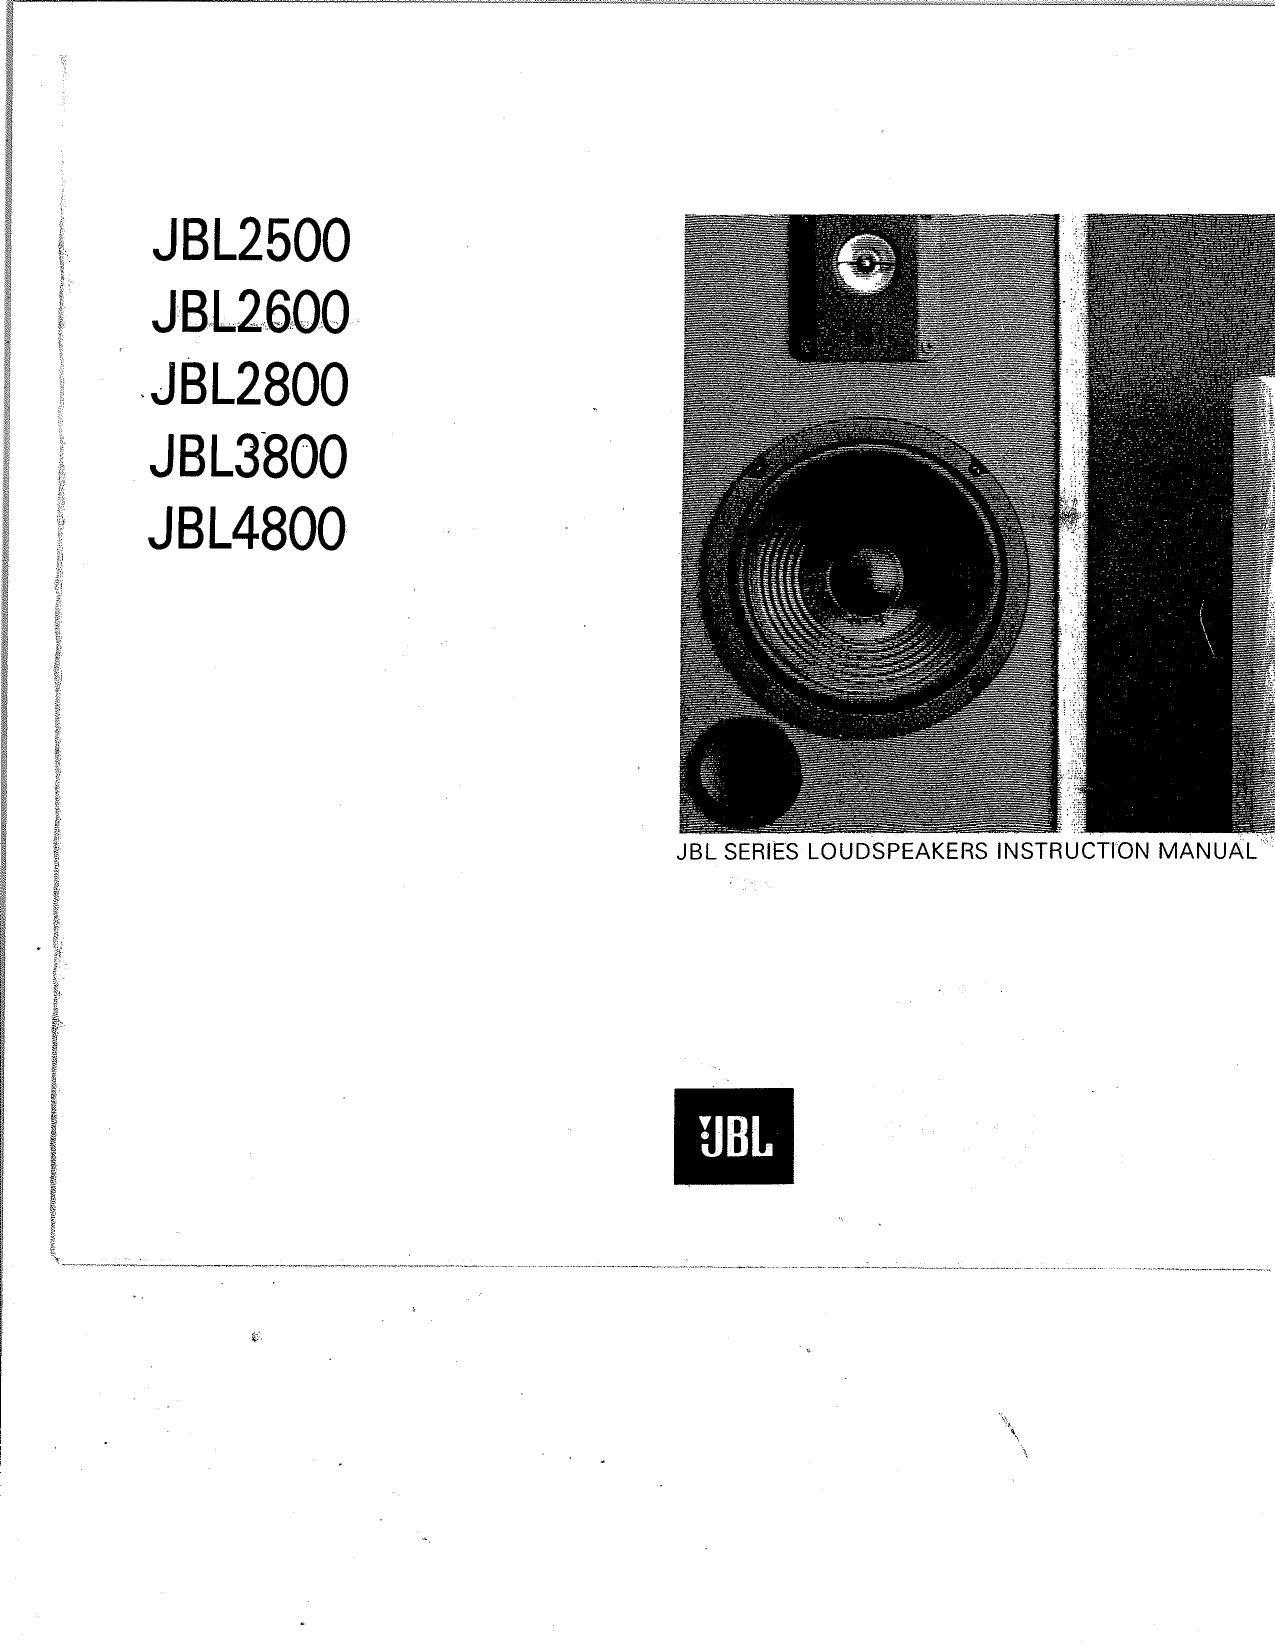 jbl 2500 owners manual rh audioservicemanuals com jbl sb 450 owners manual jbl clip owners manual